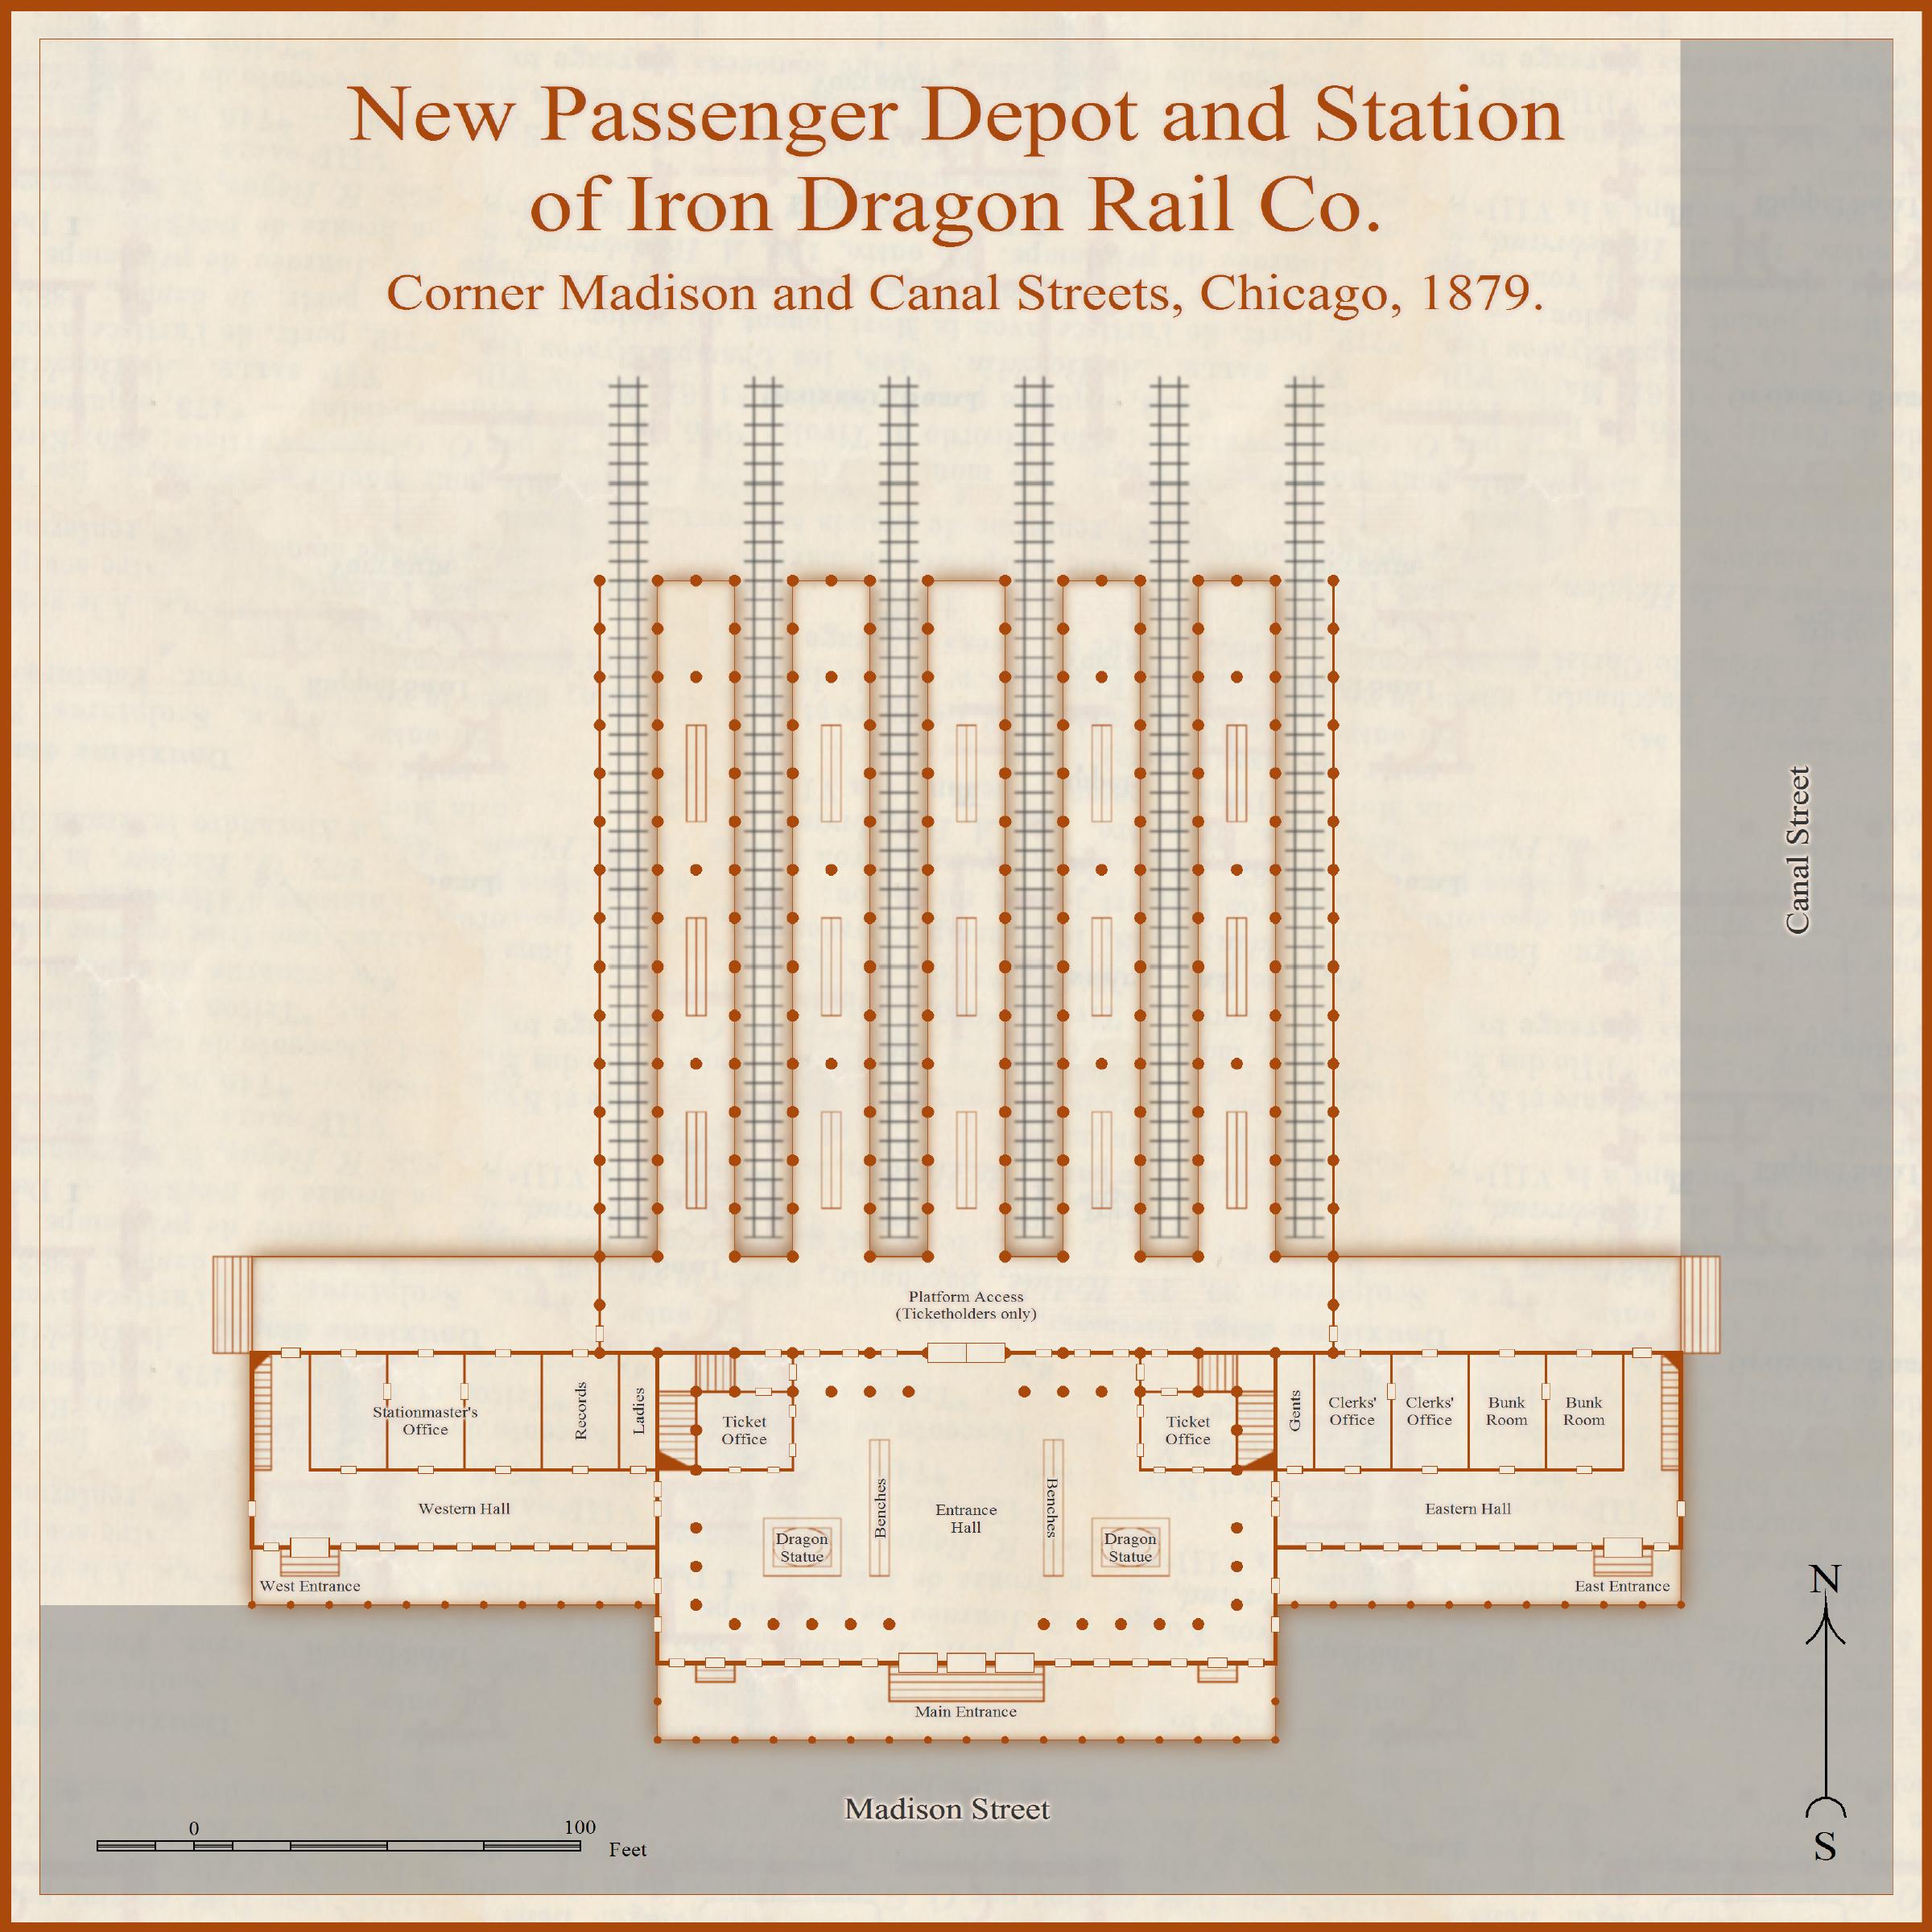 Maps Maps Denver Union Station Map Union Station Denver Map - Chicago map union station